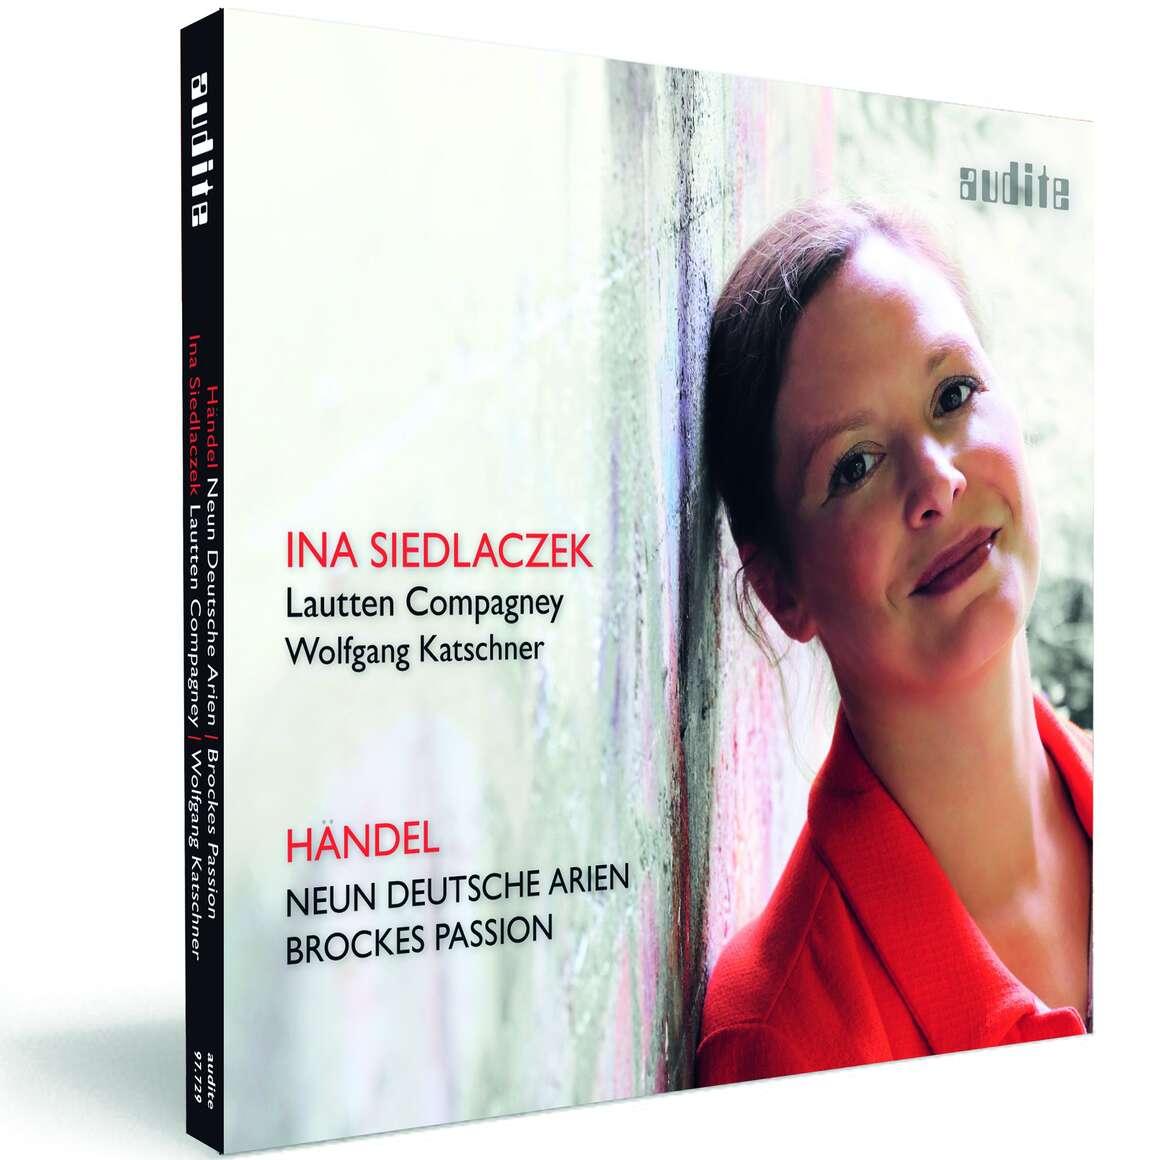 Händel: Neun Deutsche Arien & Brockes-Passion